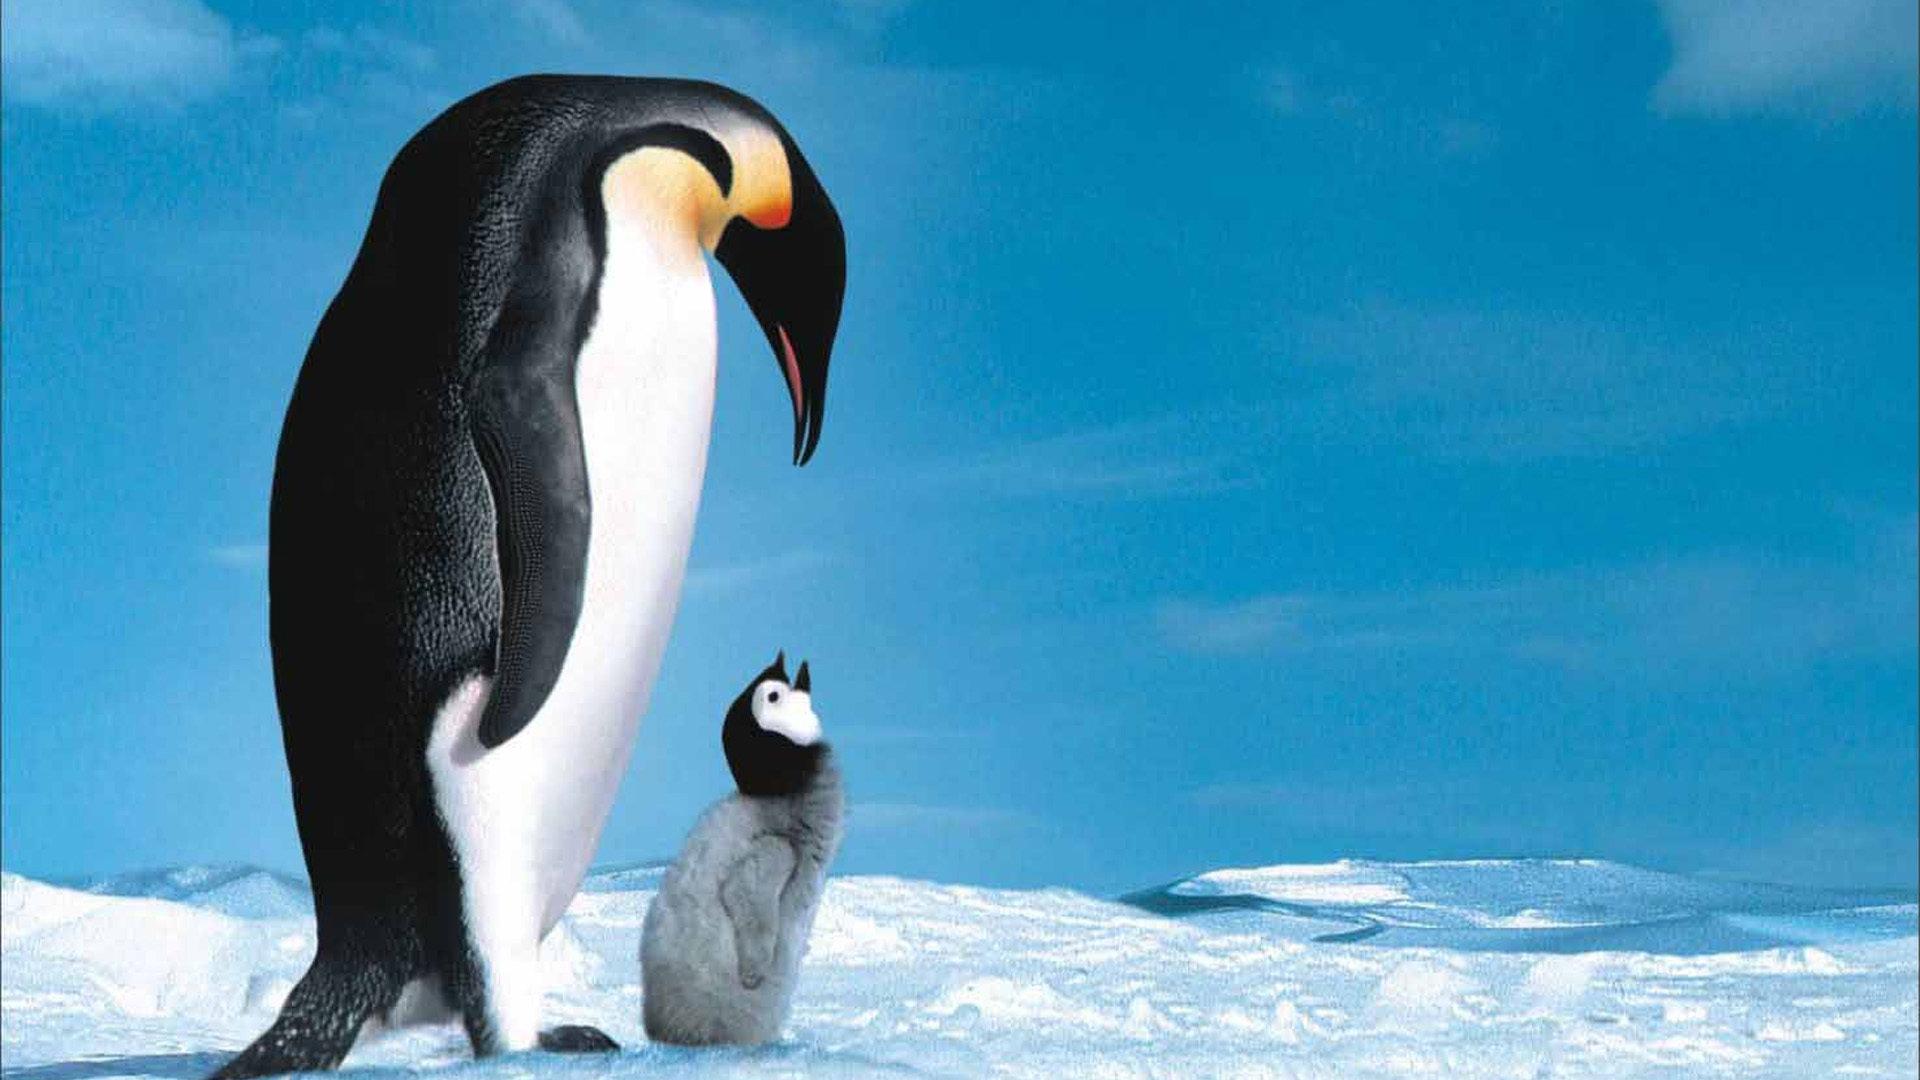 为了让企鹅宝宝健康成长,企鹅爸爸妈妈每年都会从北部来到南部孵化小